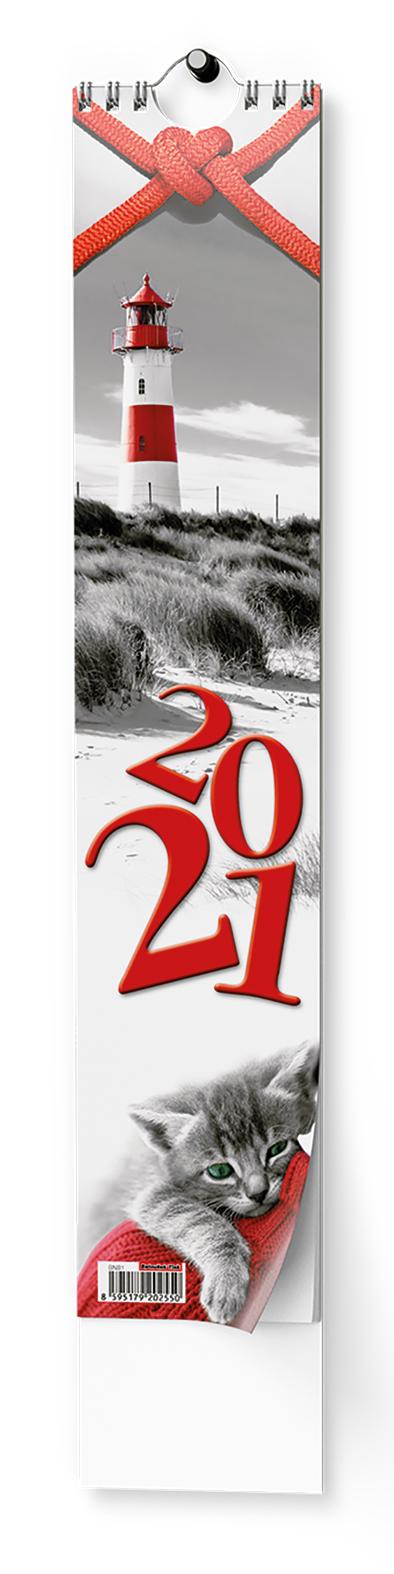 Nástěnný kalendář - Kravata - Žánrový, BALOUŠEK, BNB1